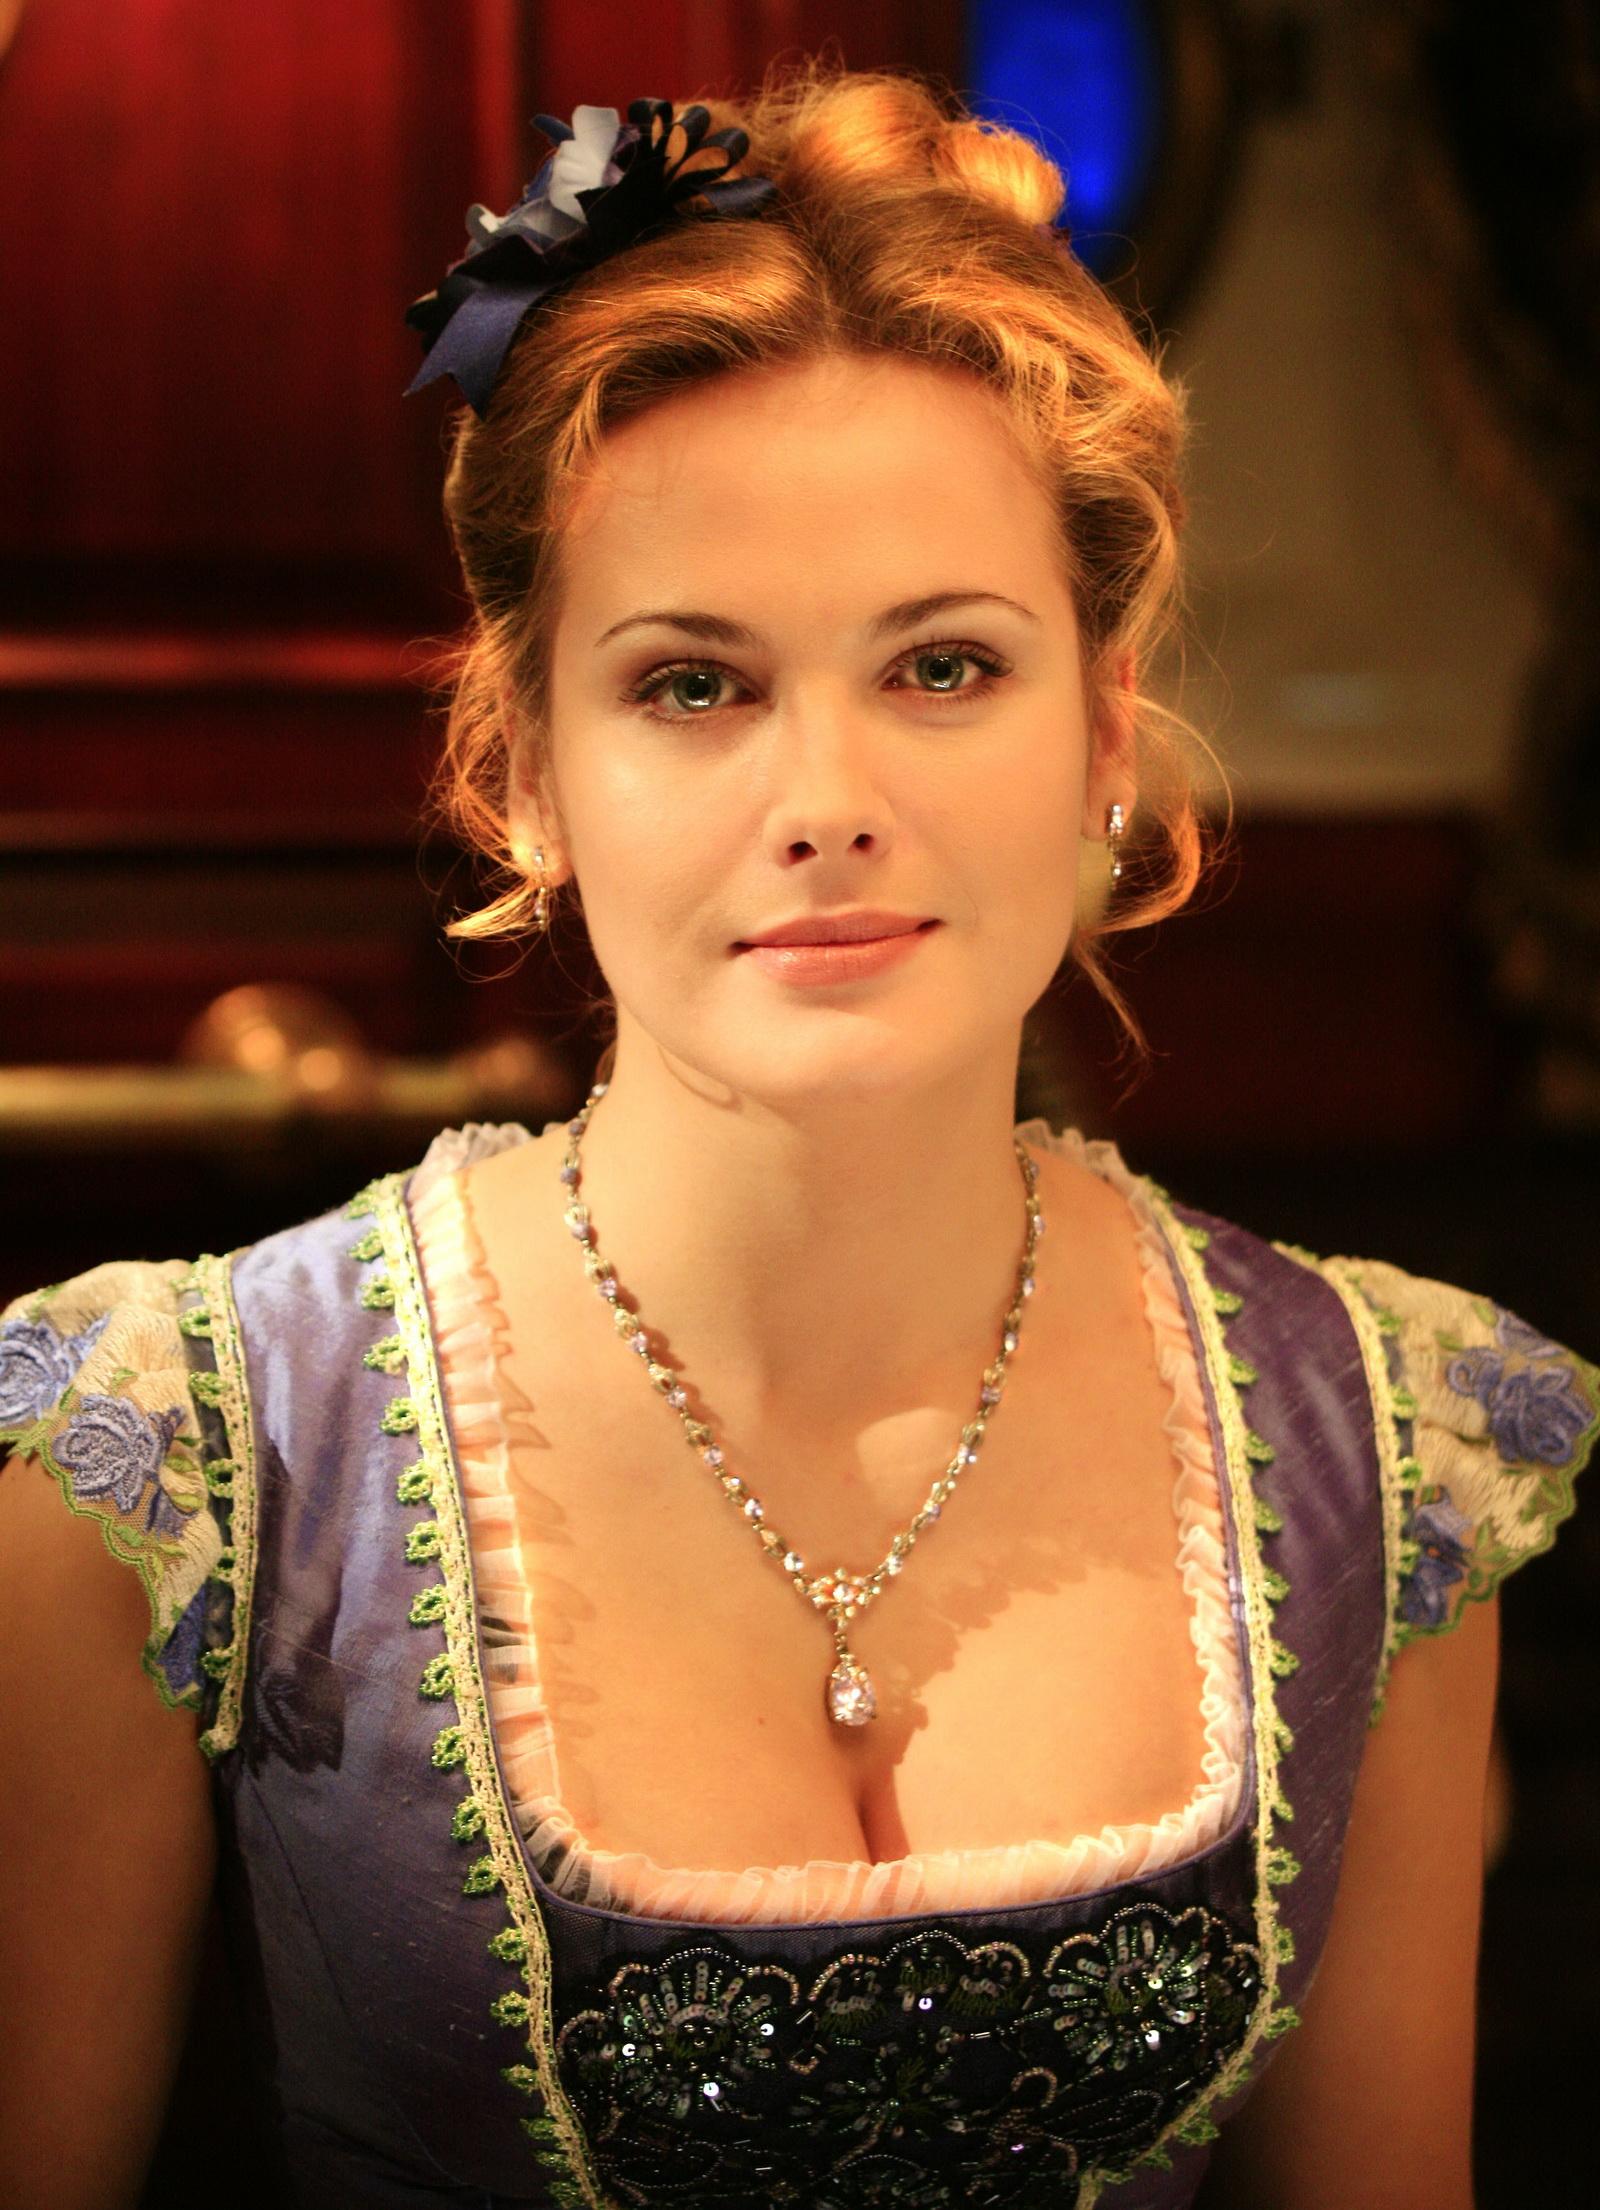 Смотреть фото актрисы россии 24 фотография